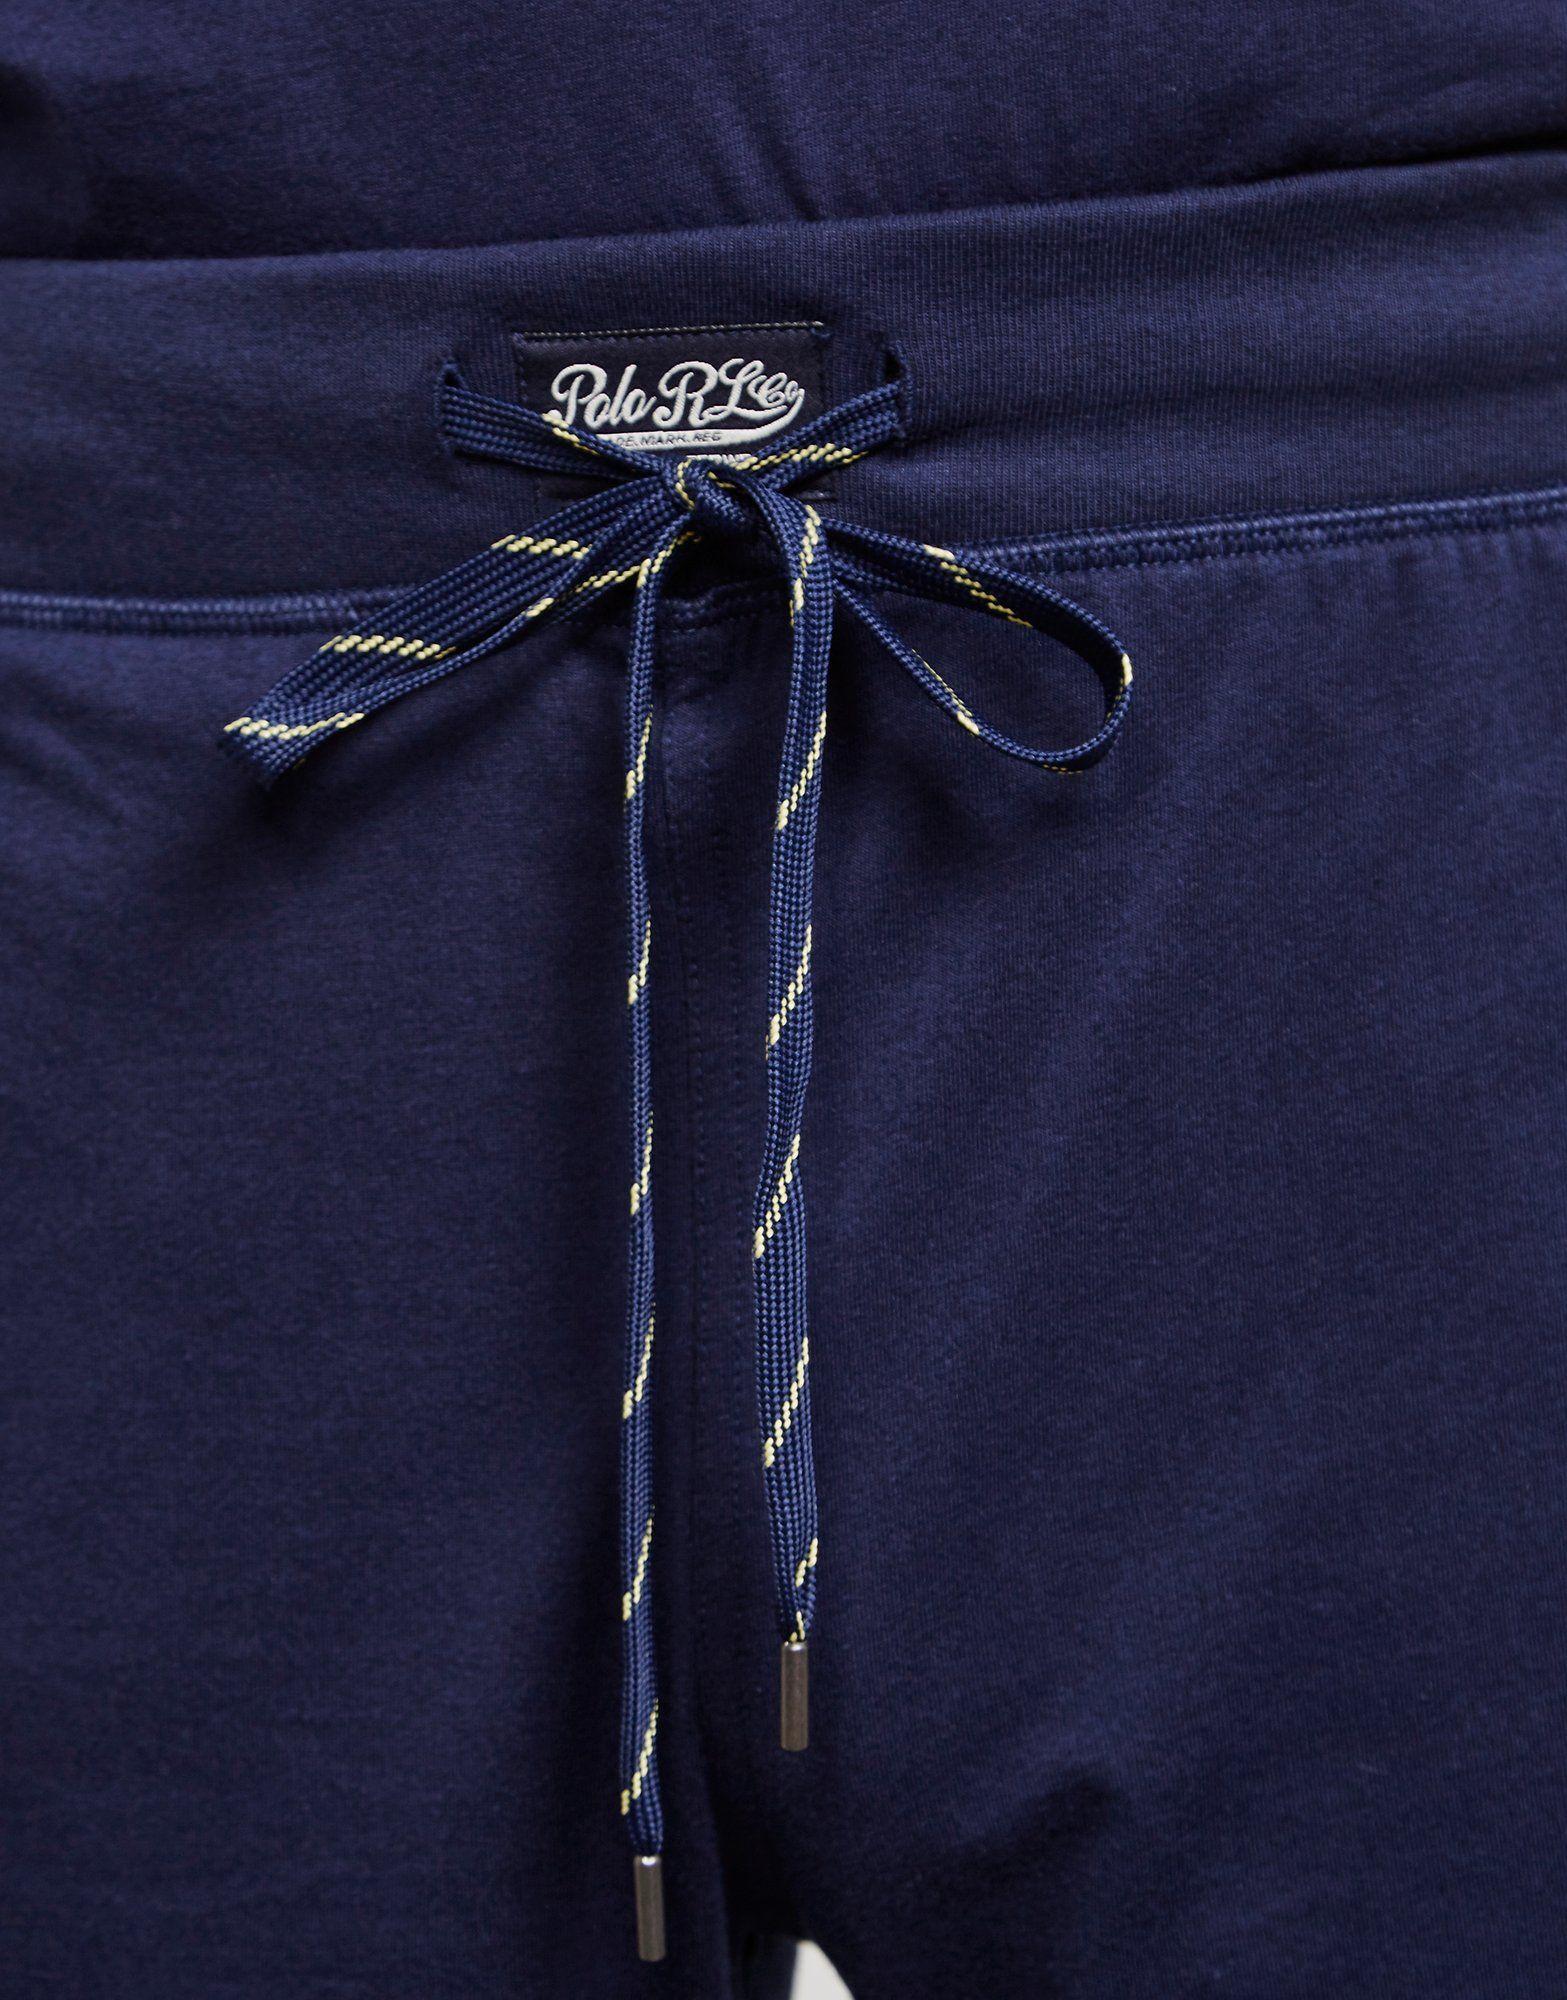 Polo Ralph Lauren Underwear Polo Fleece Shorts